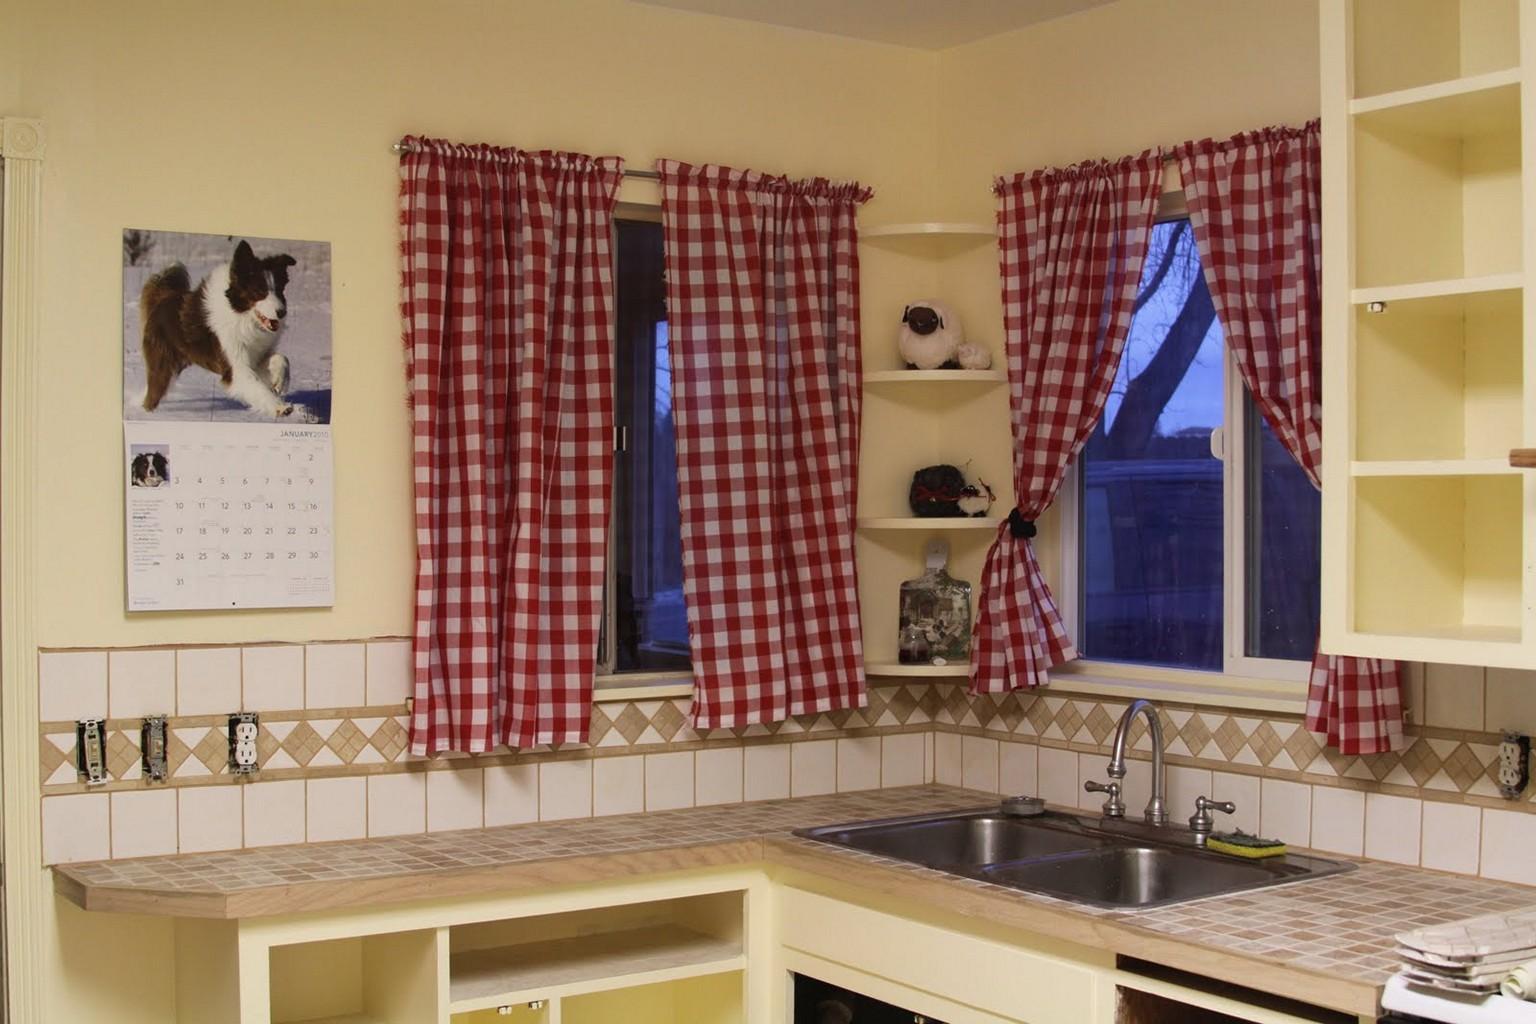 dragende-køkkenhave-vindue-ideer-billeder-af-friske-on-udsmykning-design-køkken-haven-vindue-gardiner